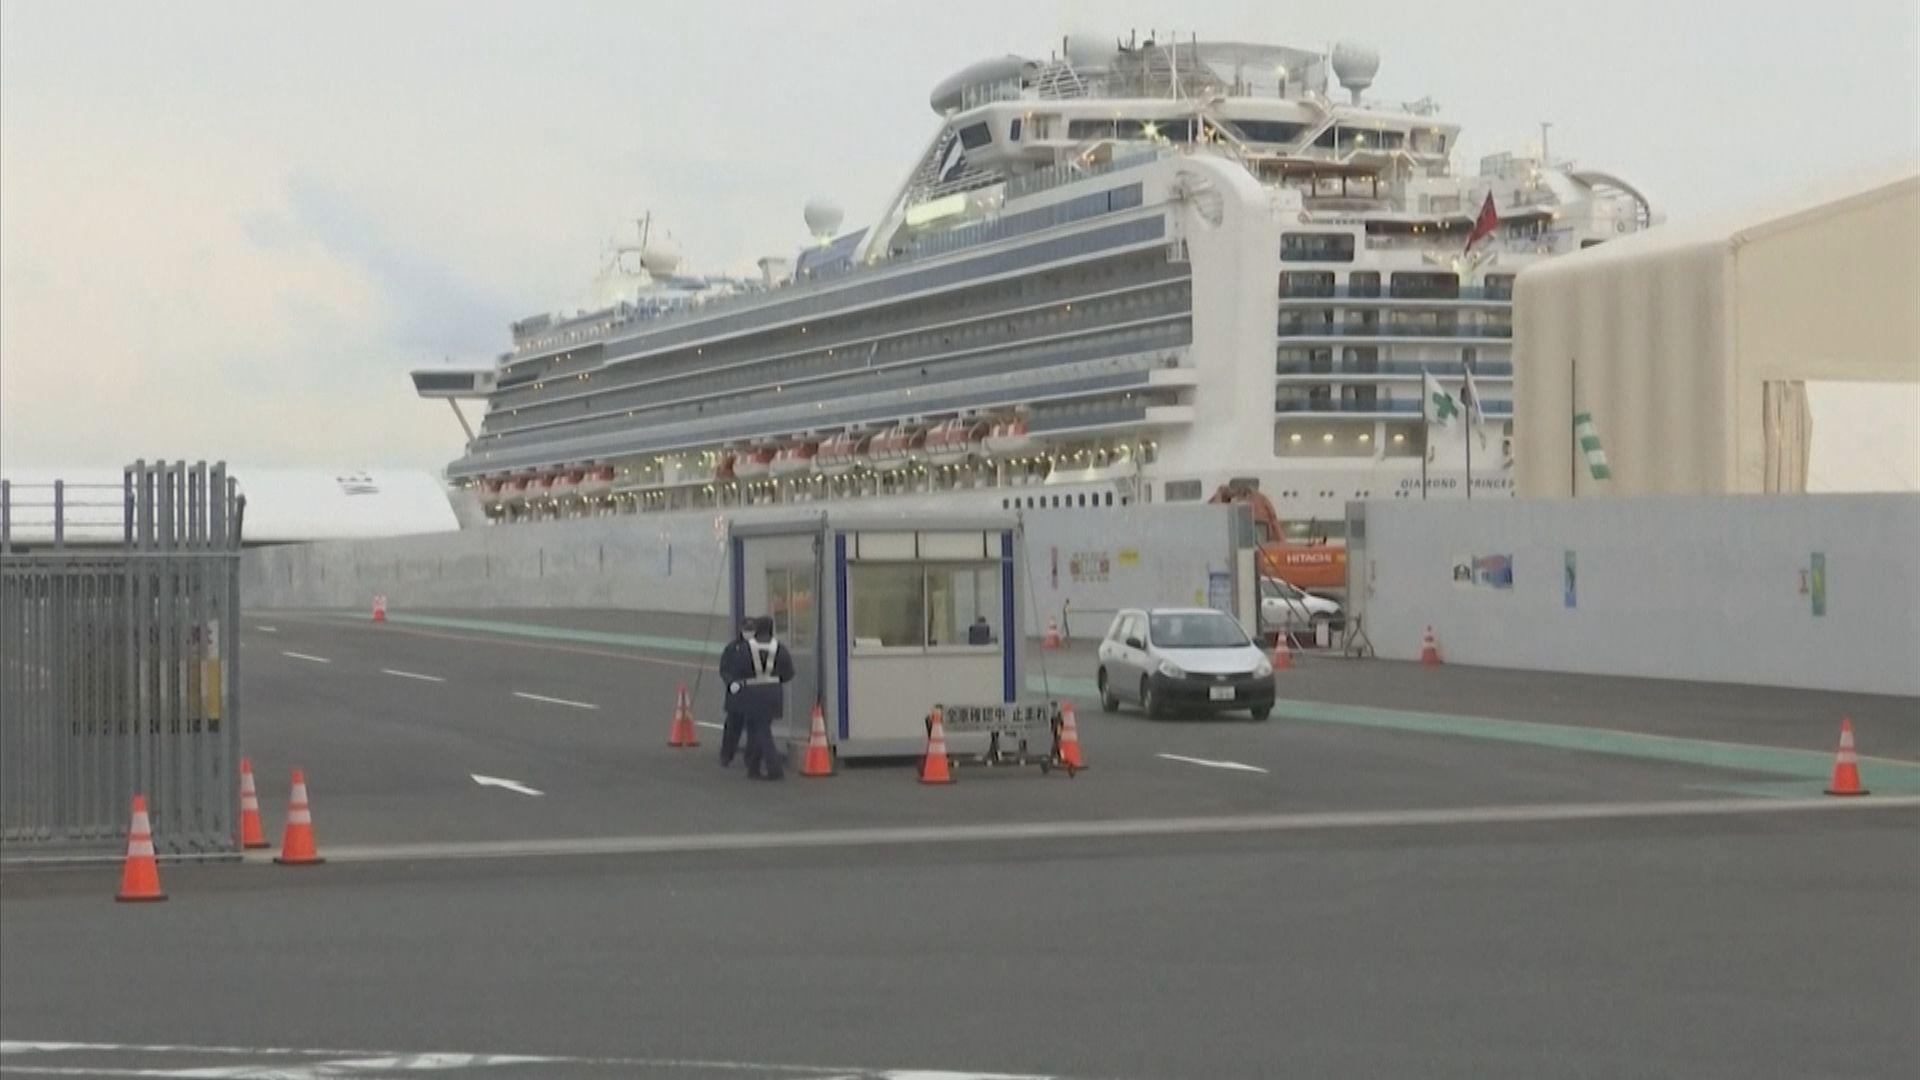 鑽石公主號乘客下船後確診 專家:或因檢測時機出問題